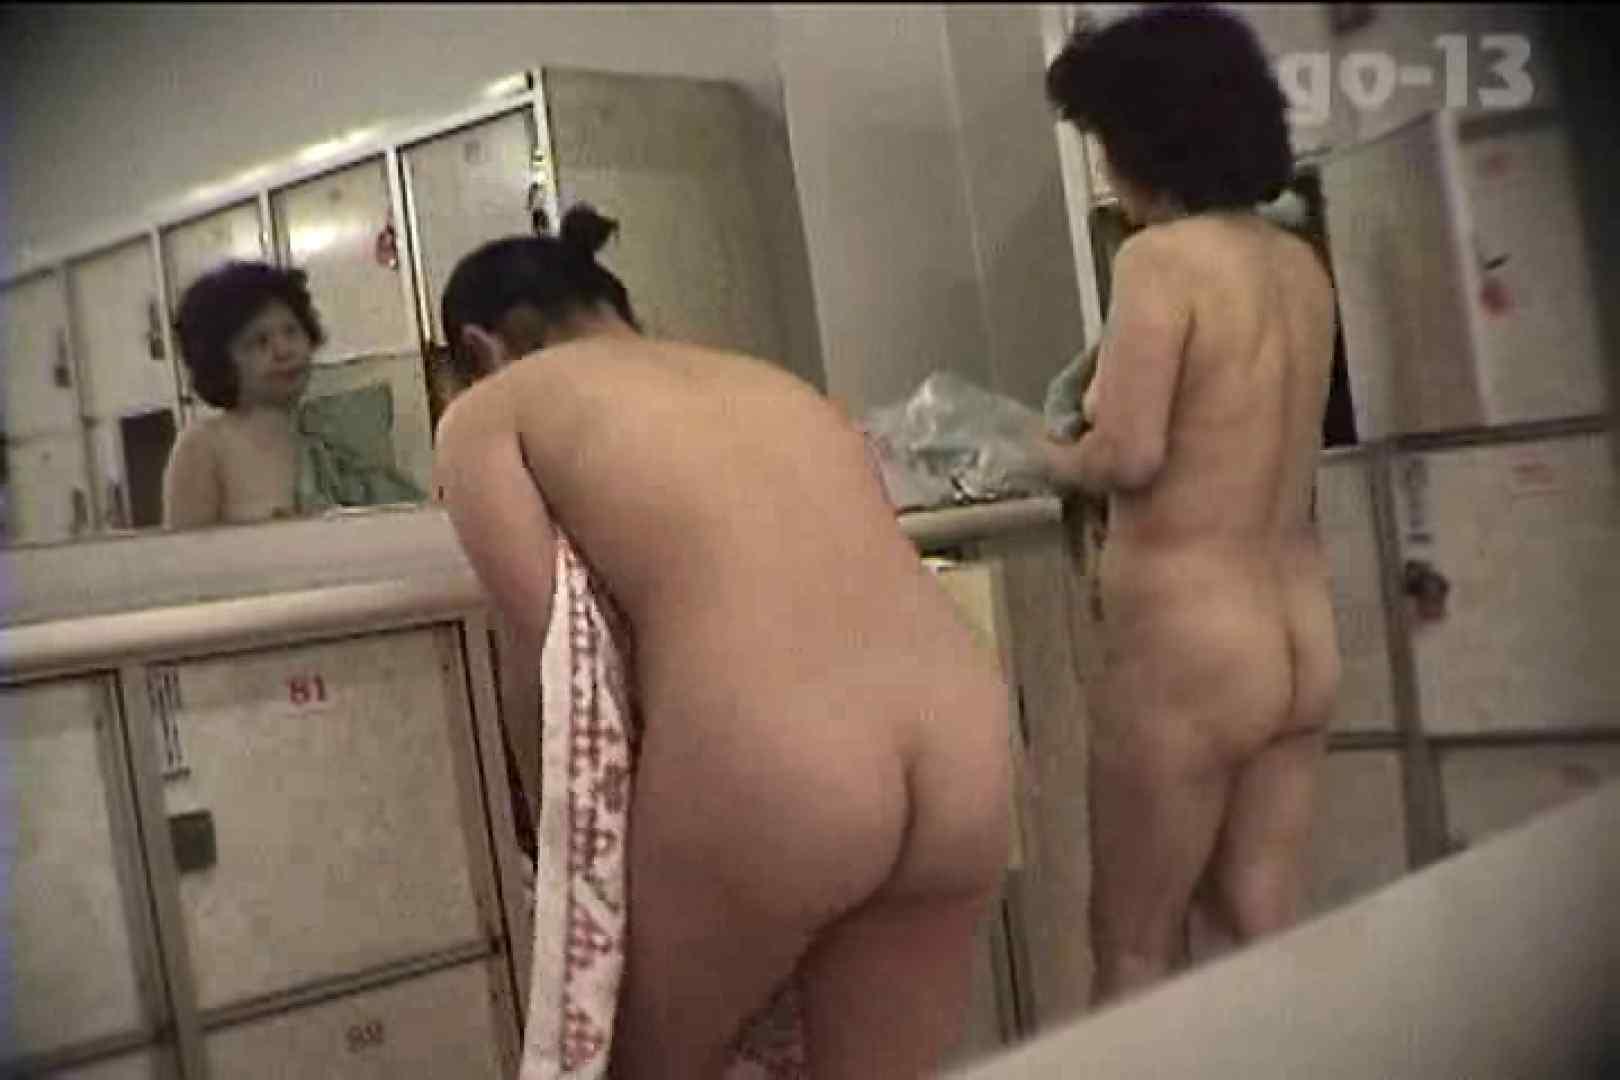 電波カメラ設置浴場からの防HAN映像 Vol.13 お姉さんのSEX スケベ動画紹介 91枚 3